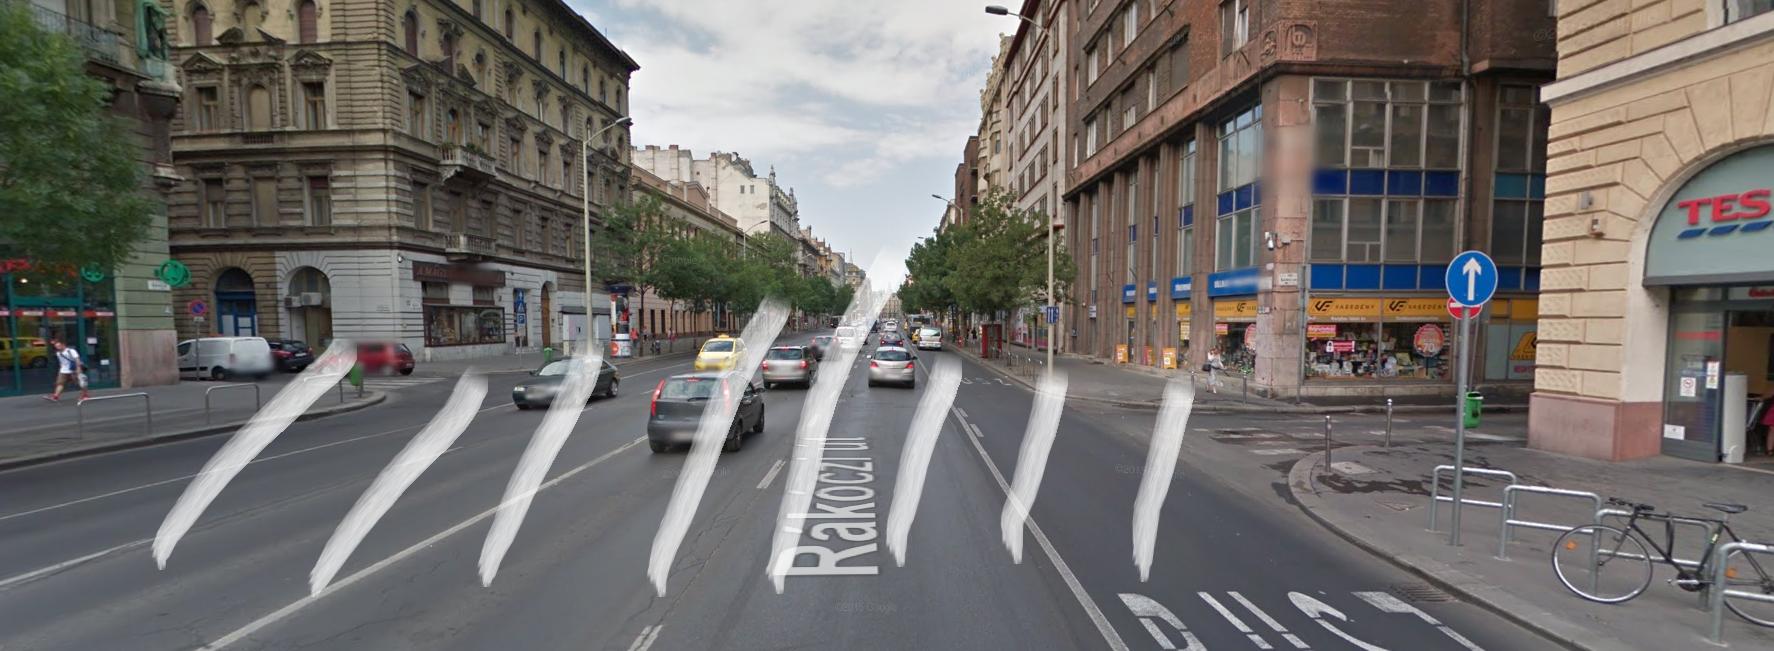 Legyen zebra a Kazinczy és a Szentkirályi utca között!